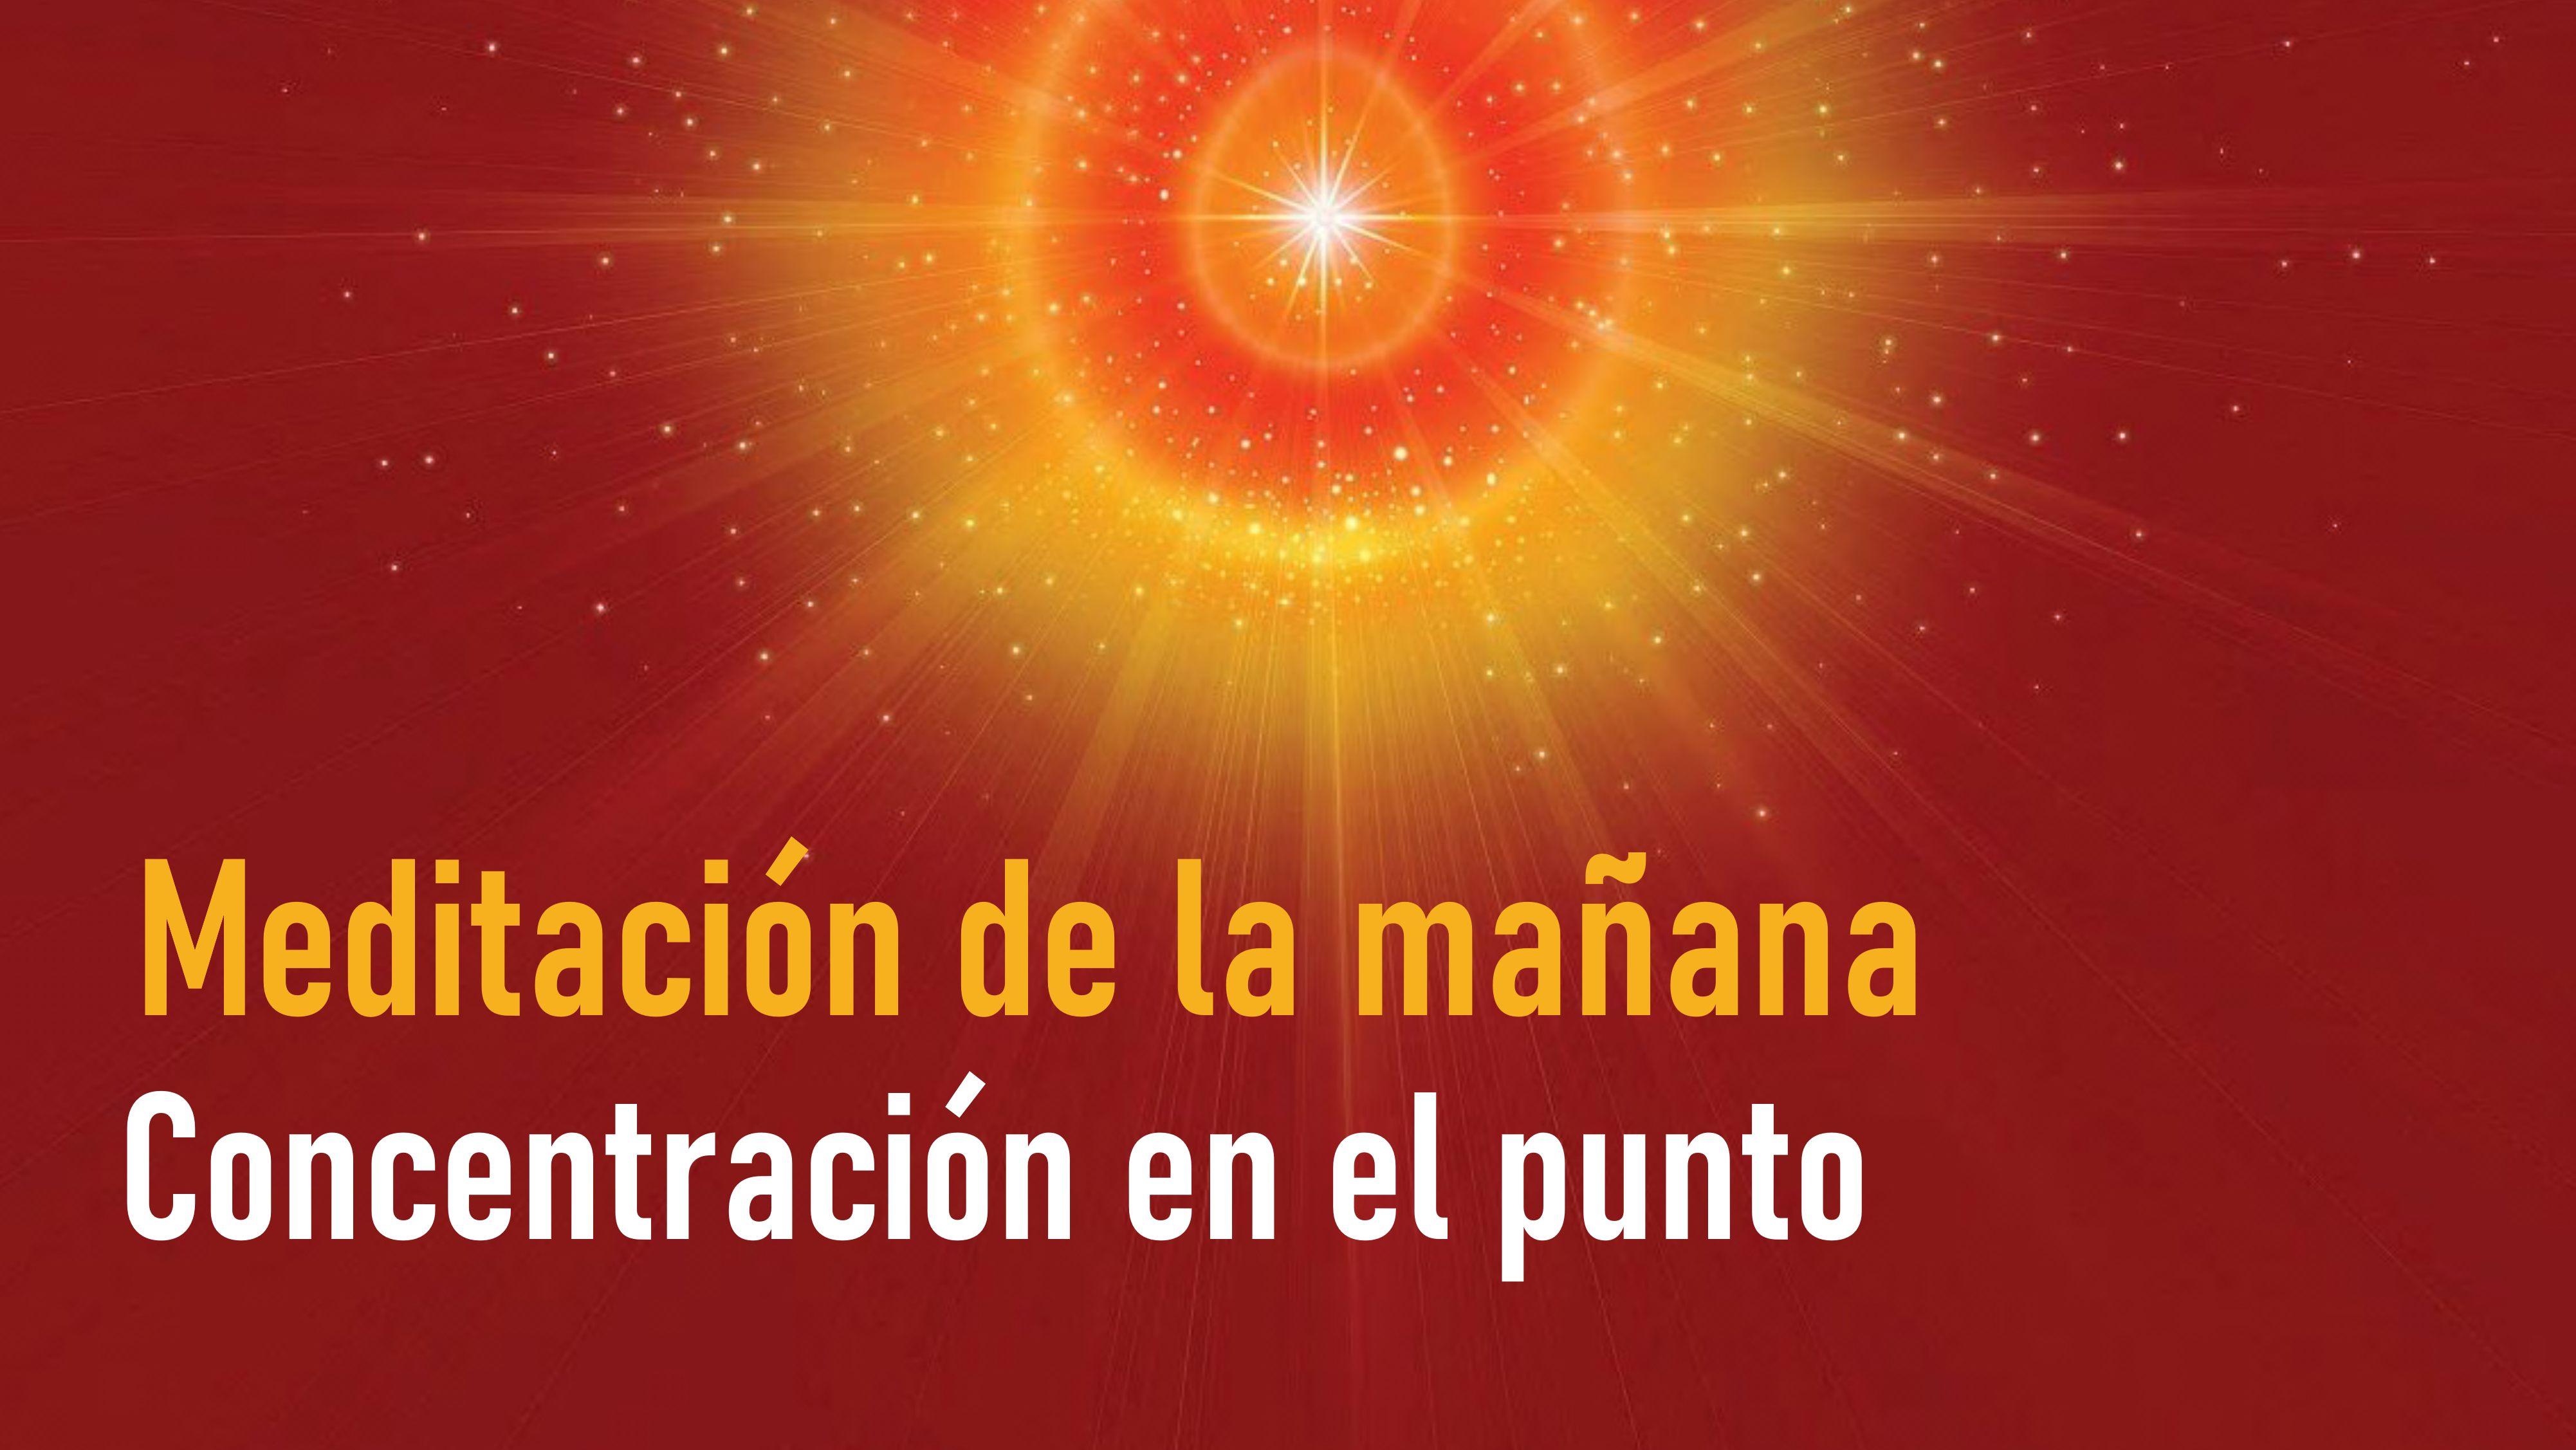 Meditación de la mañana: Concentración en el punto (30 Julio 2020)